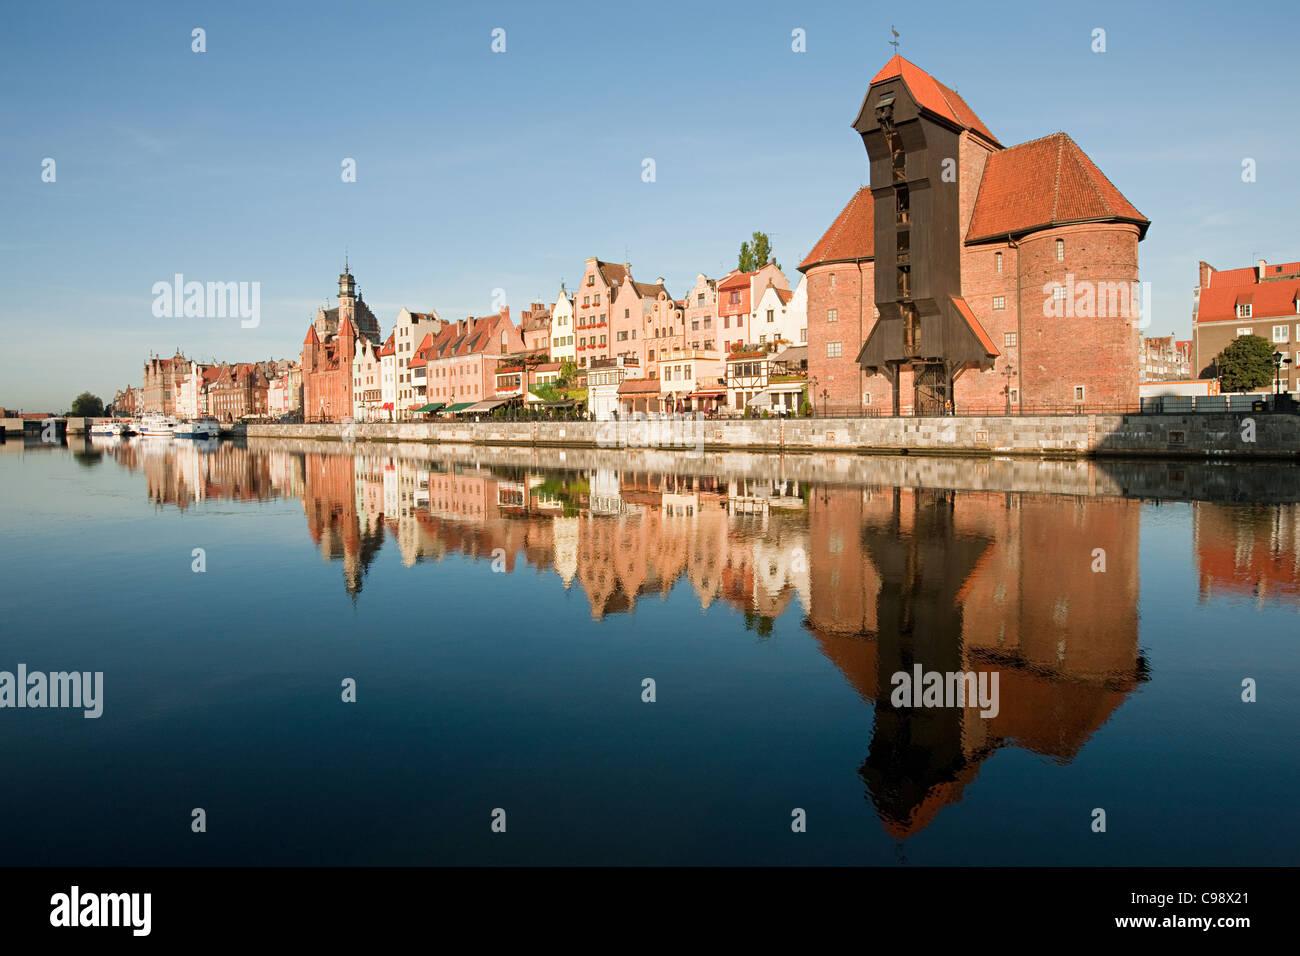 Bâtiments médiévaux reflètent dans l'eau, Gdansk, Pologne Photo Stock